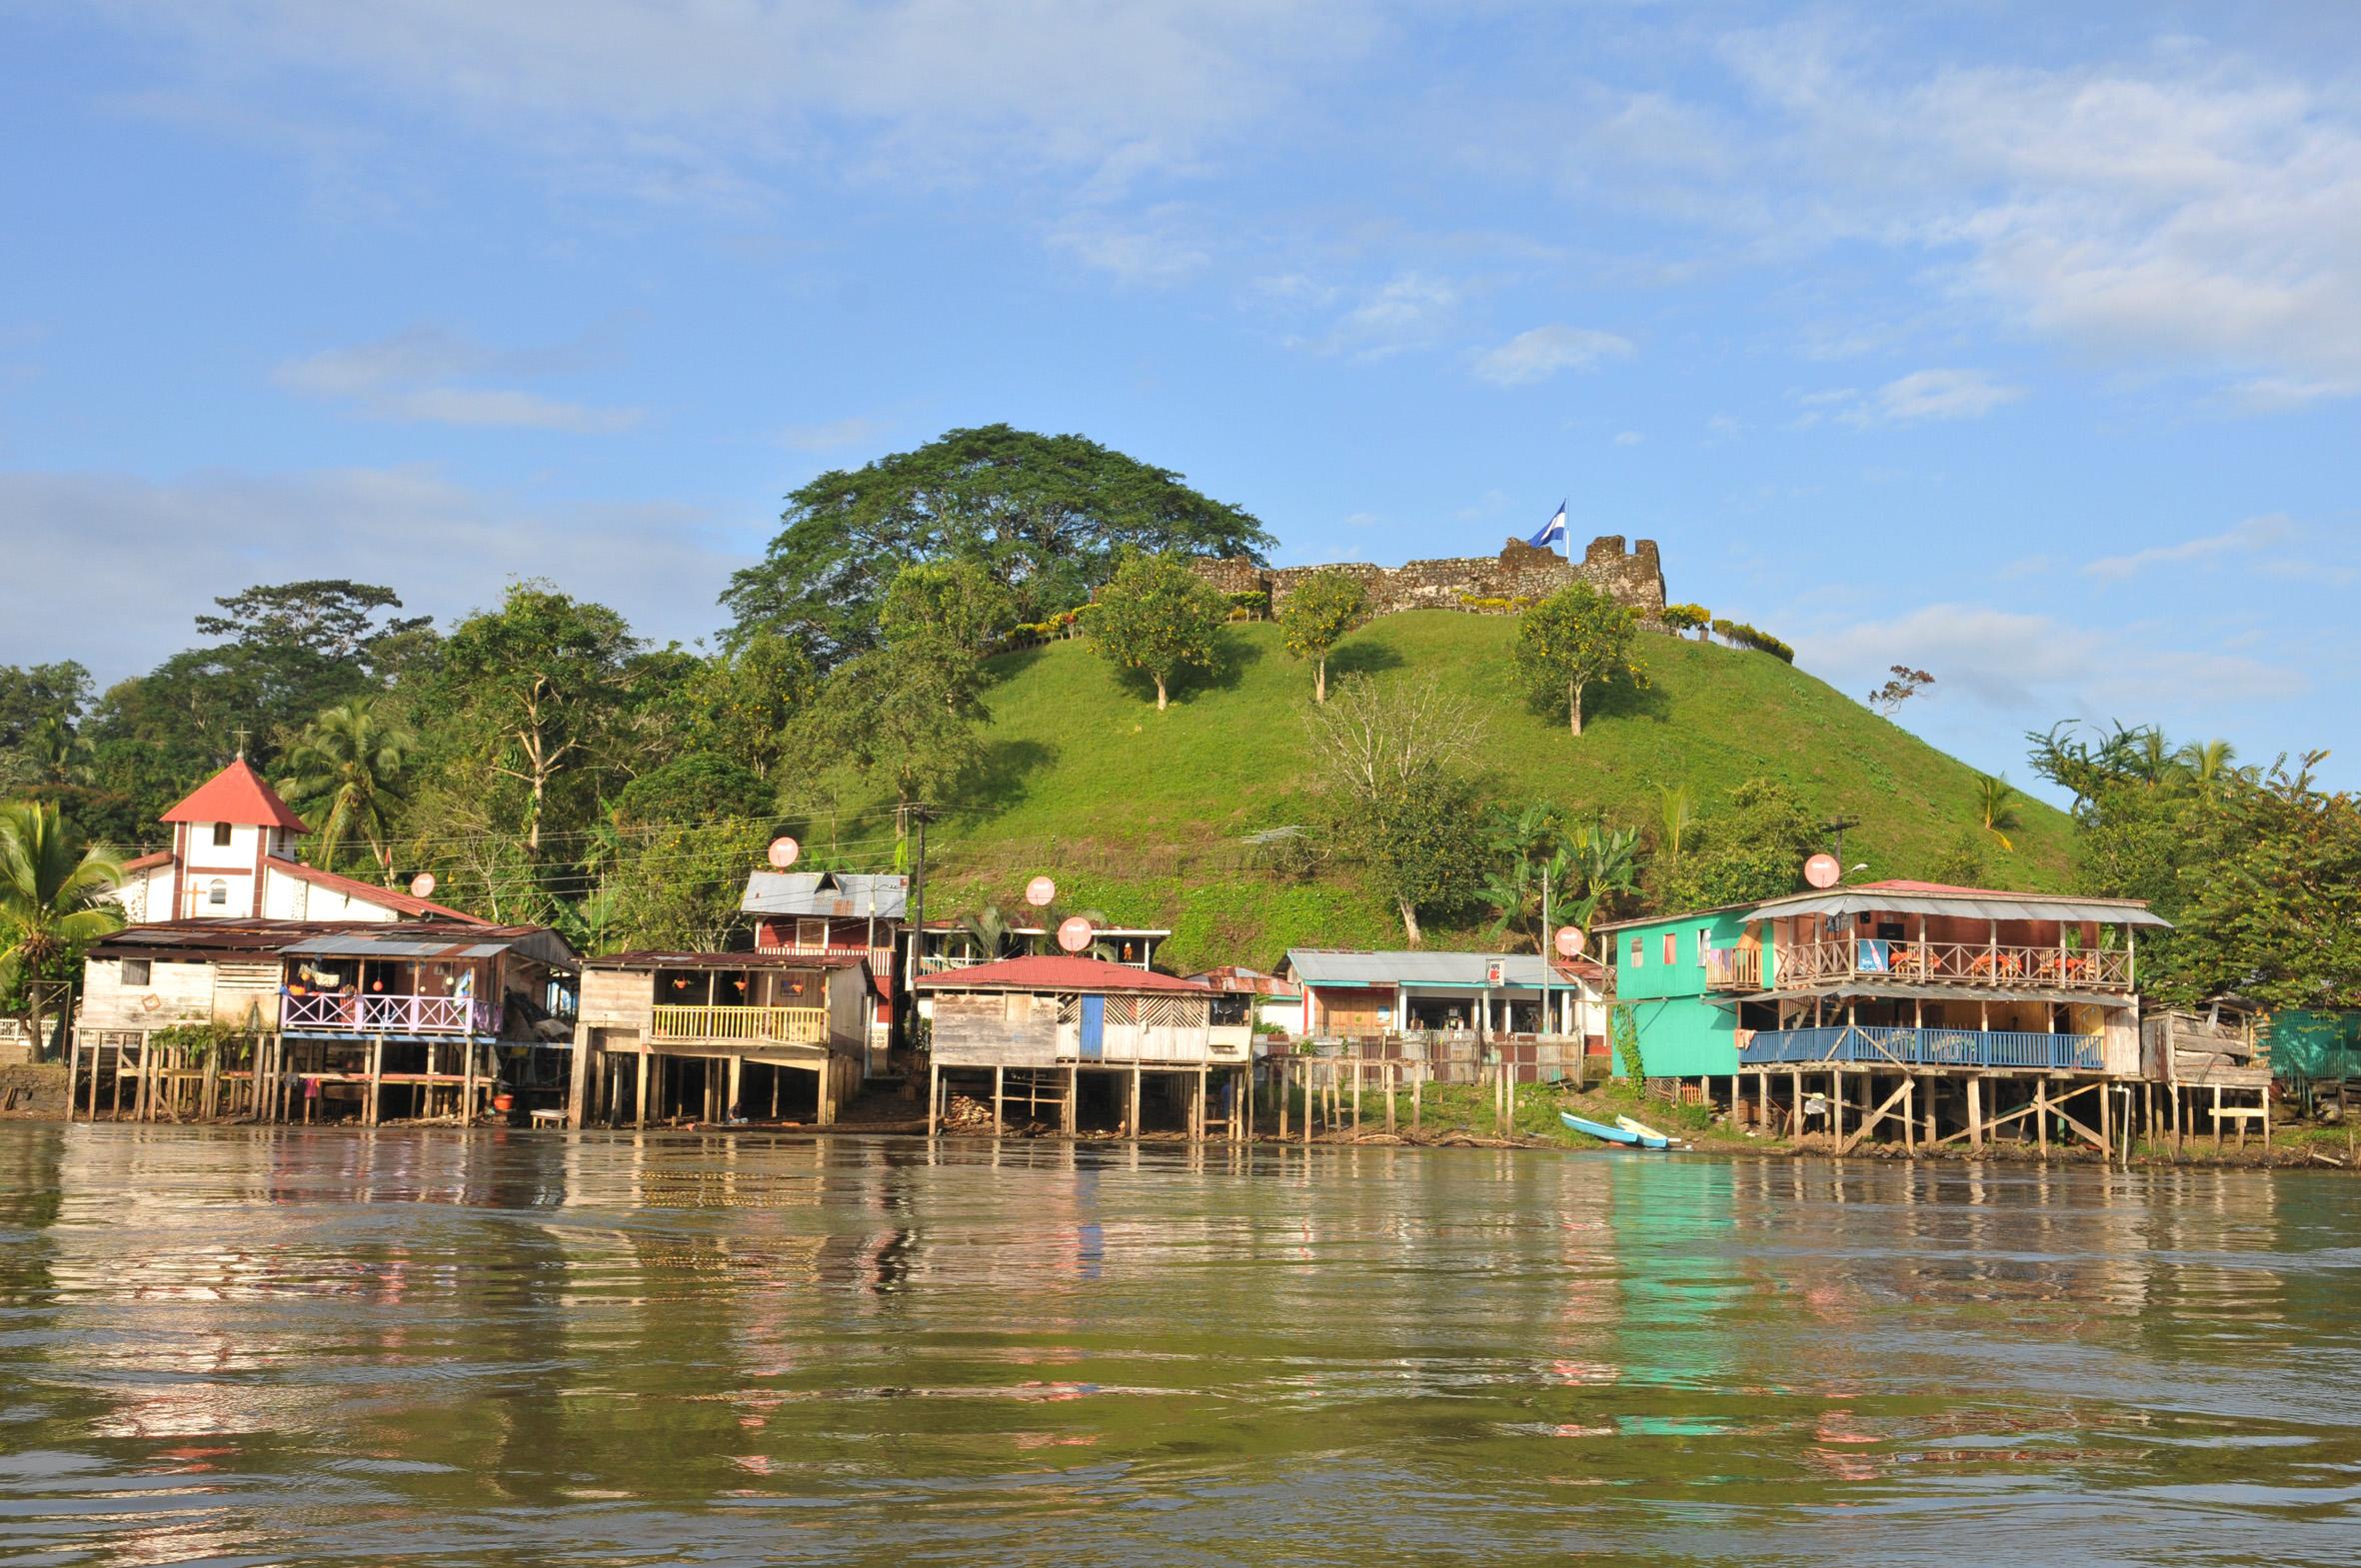 foto van een paar huizen in Nicaragua aan het water